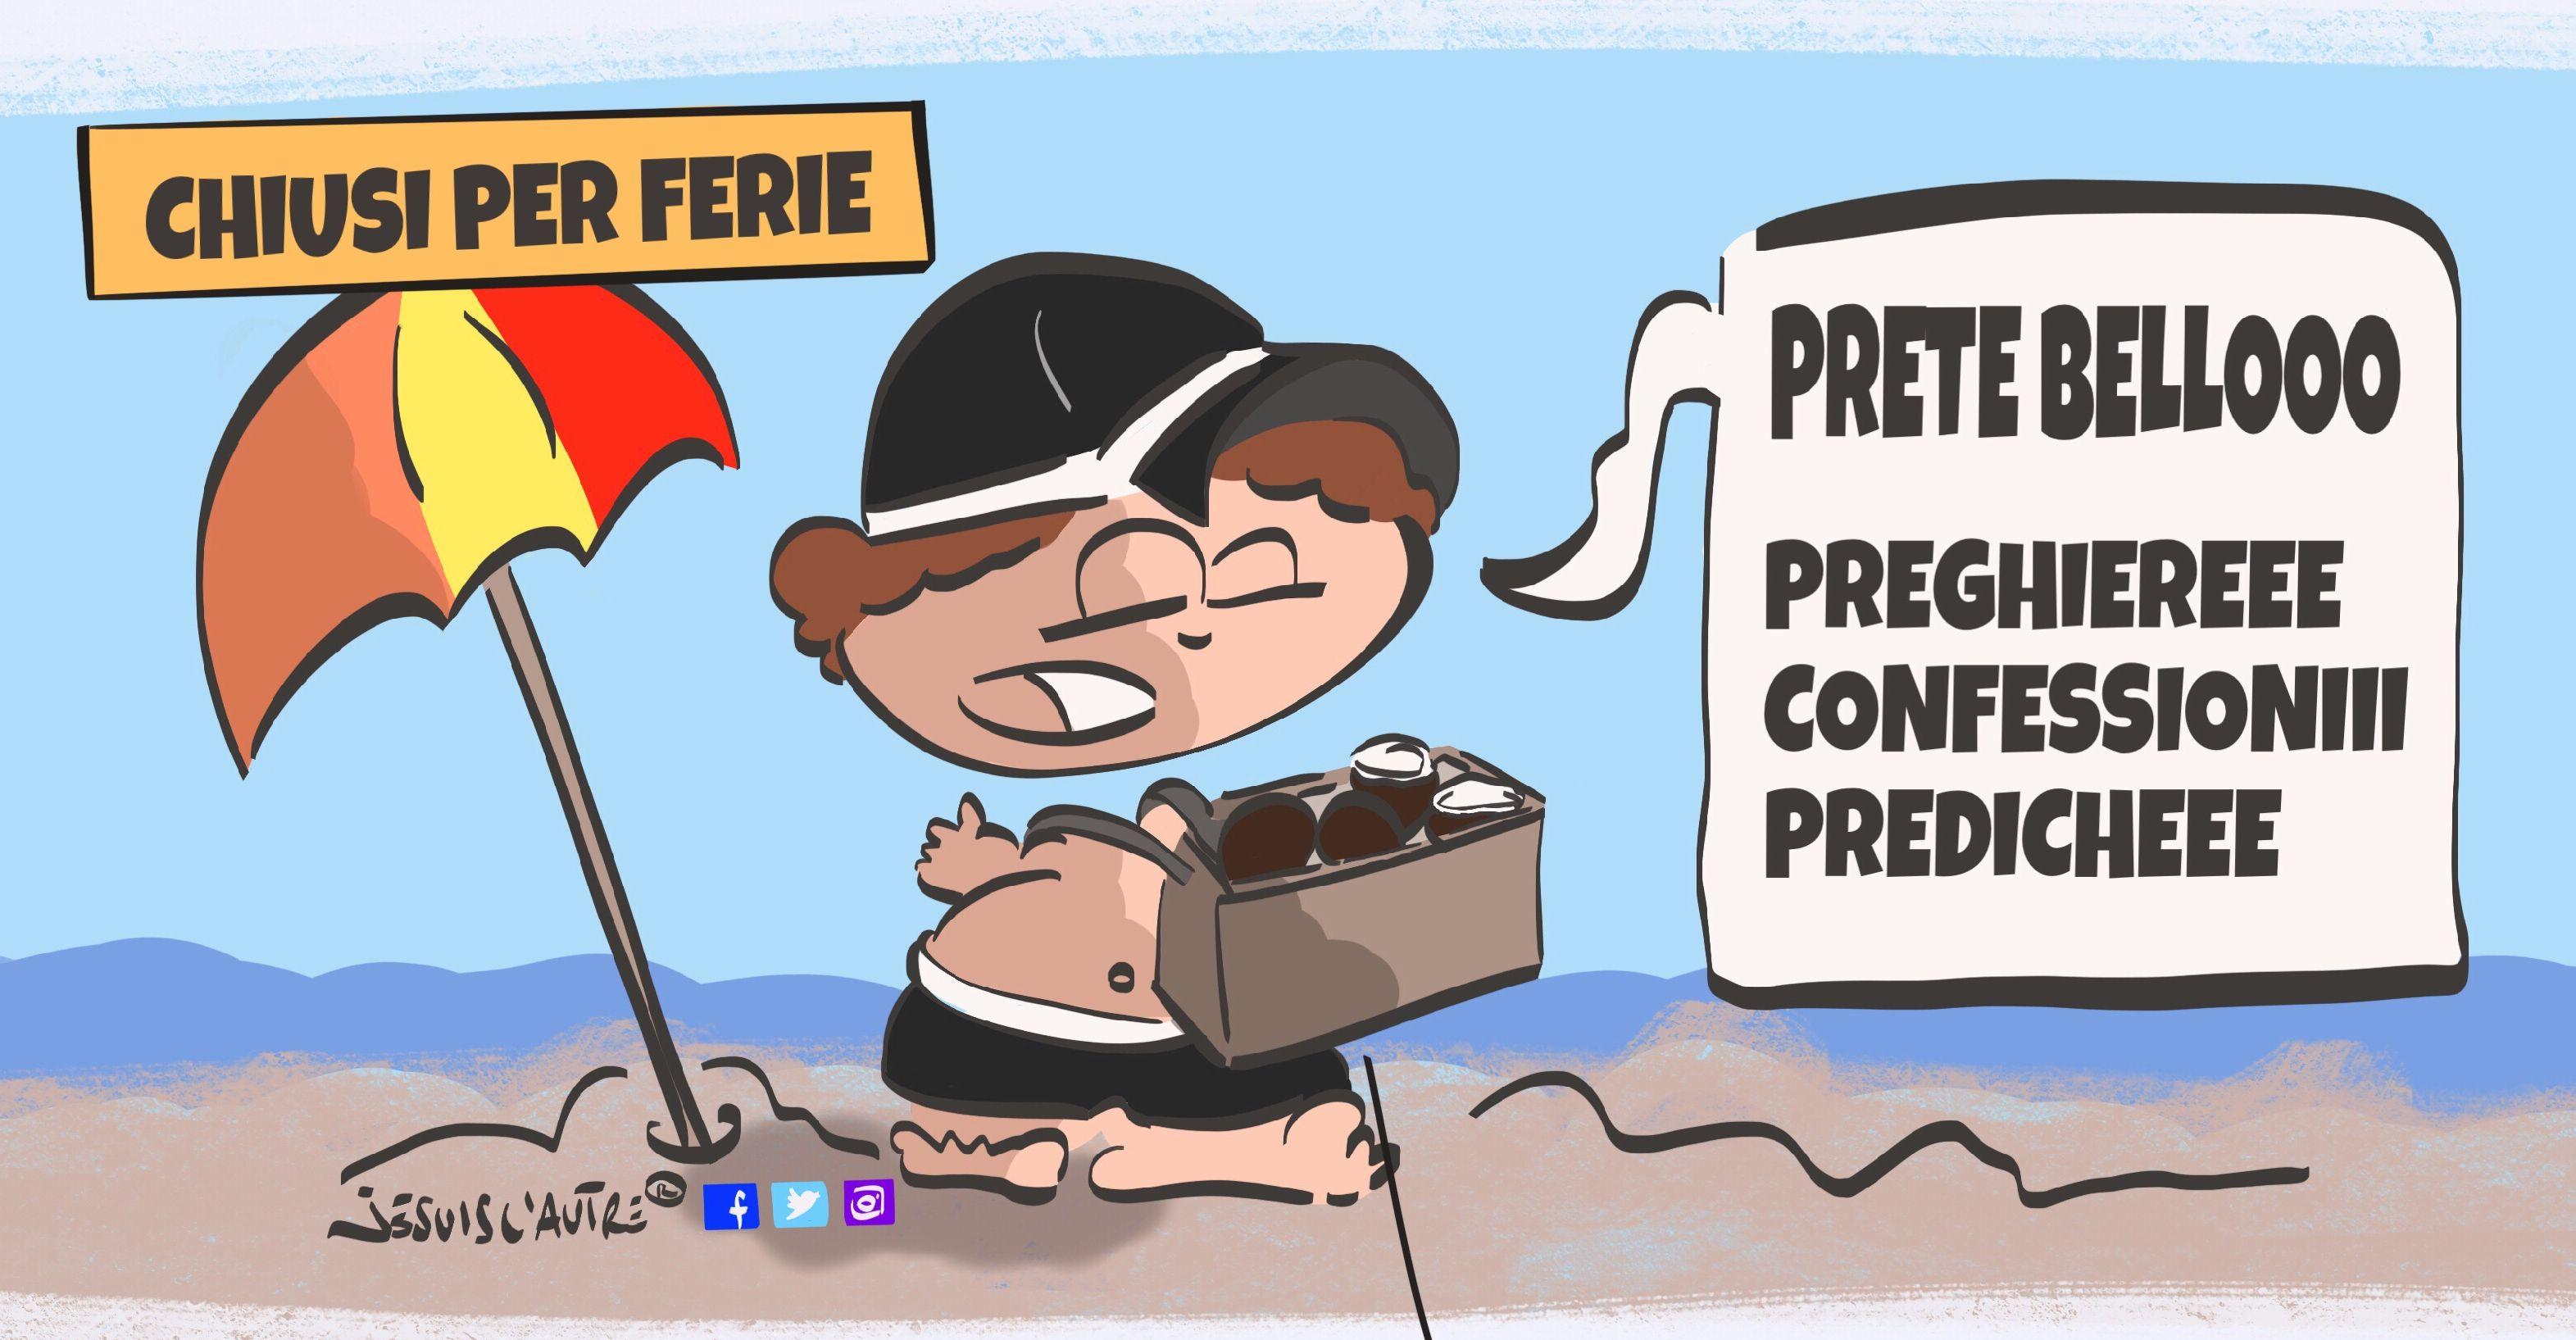 illustrazione, in spiaggia un prete si offre per confessare al modo dei venditori di cocco